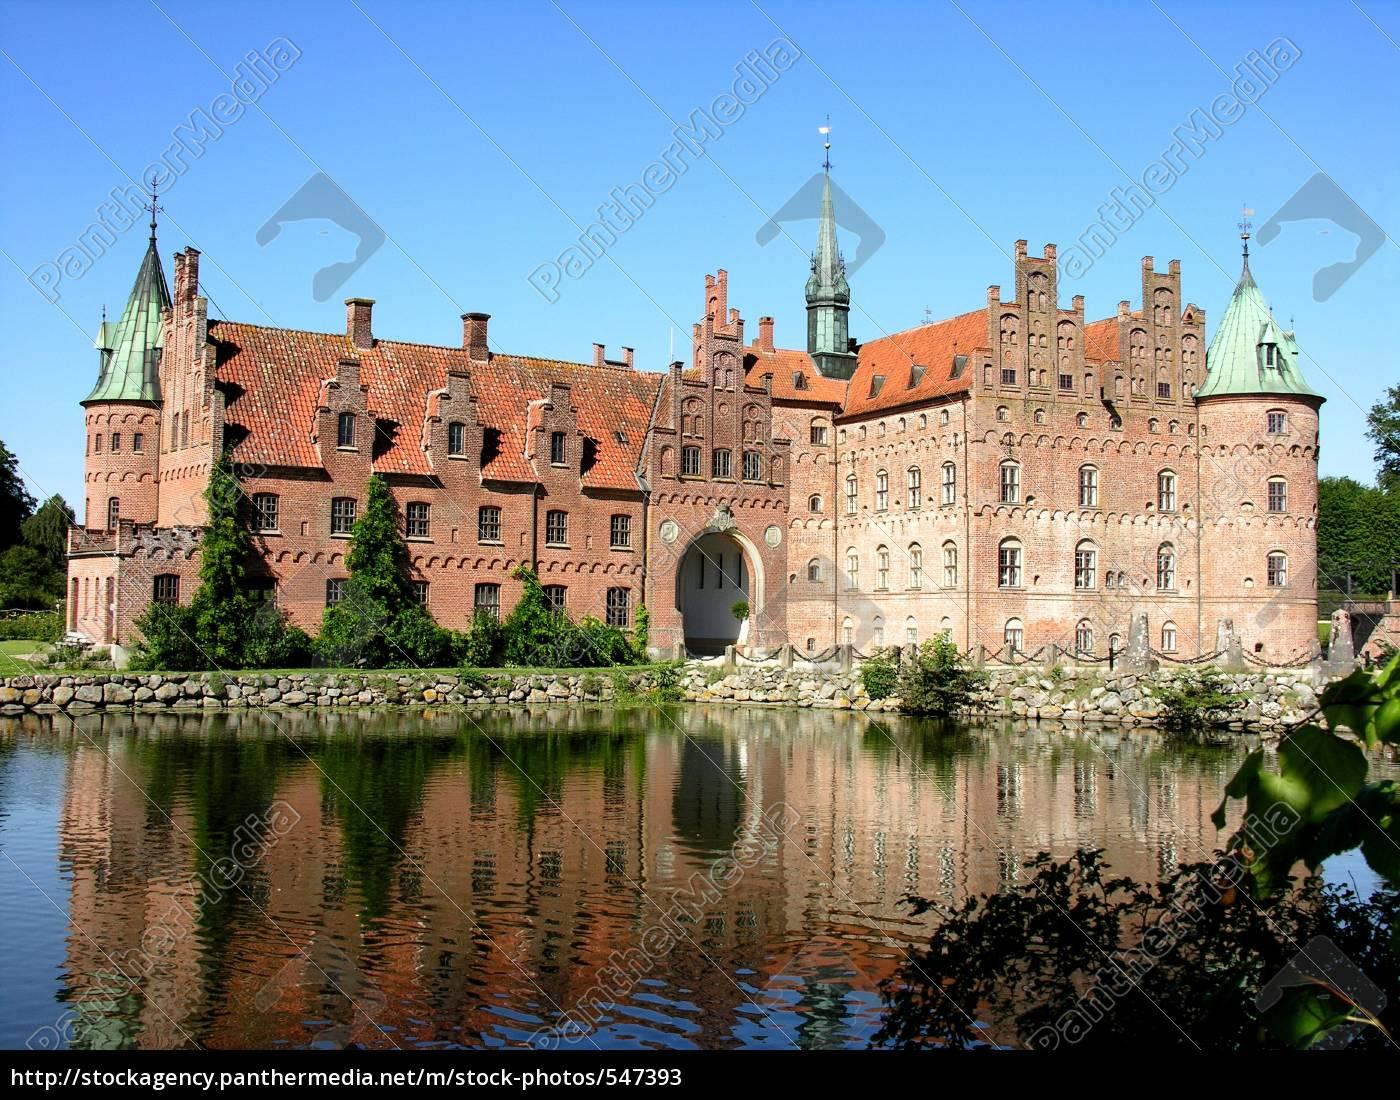 egeskov, castle, -, denmark - 547393